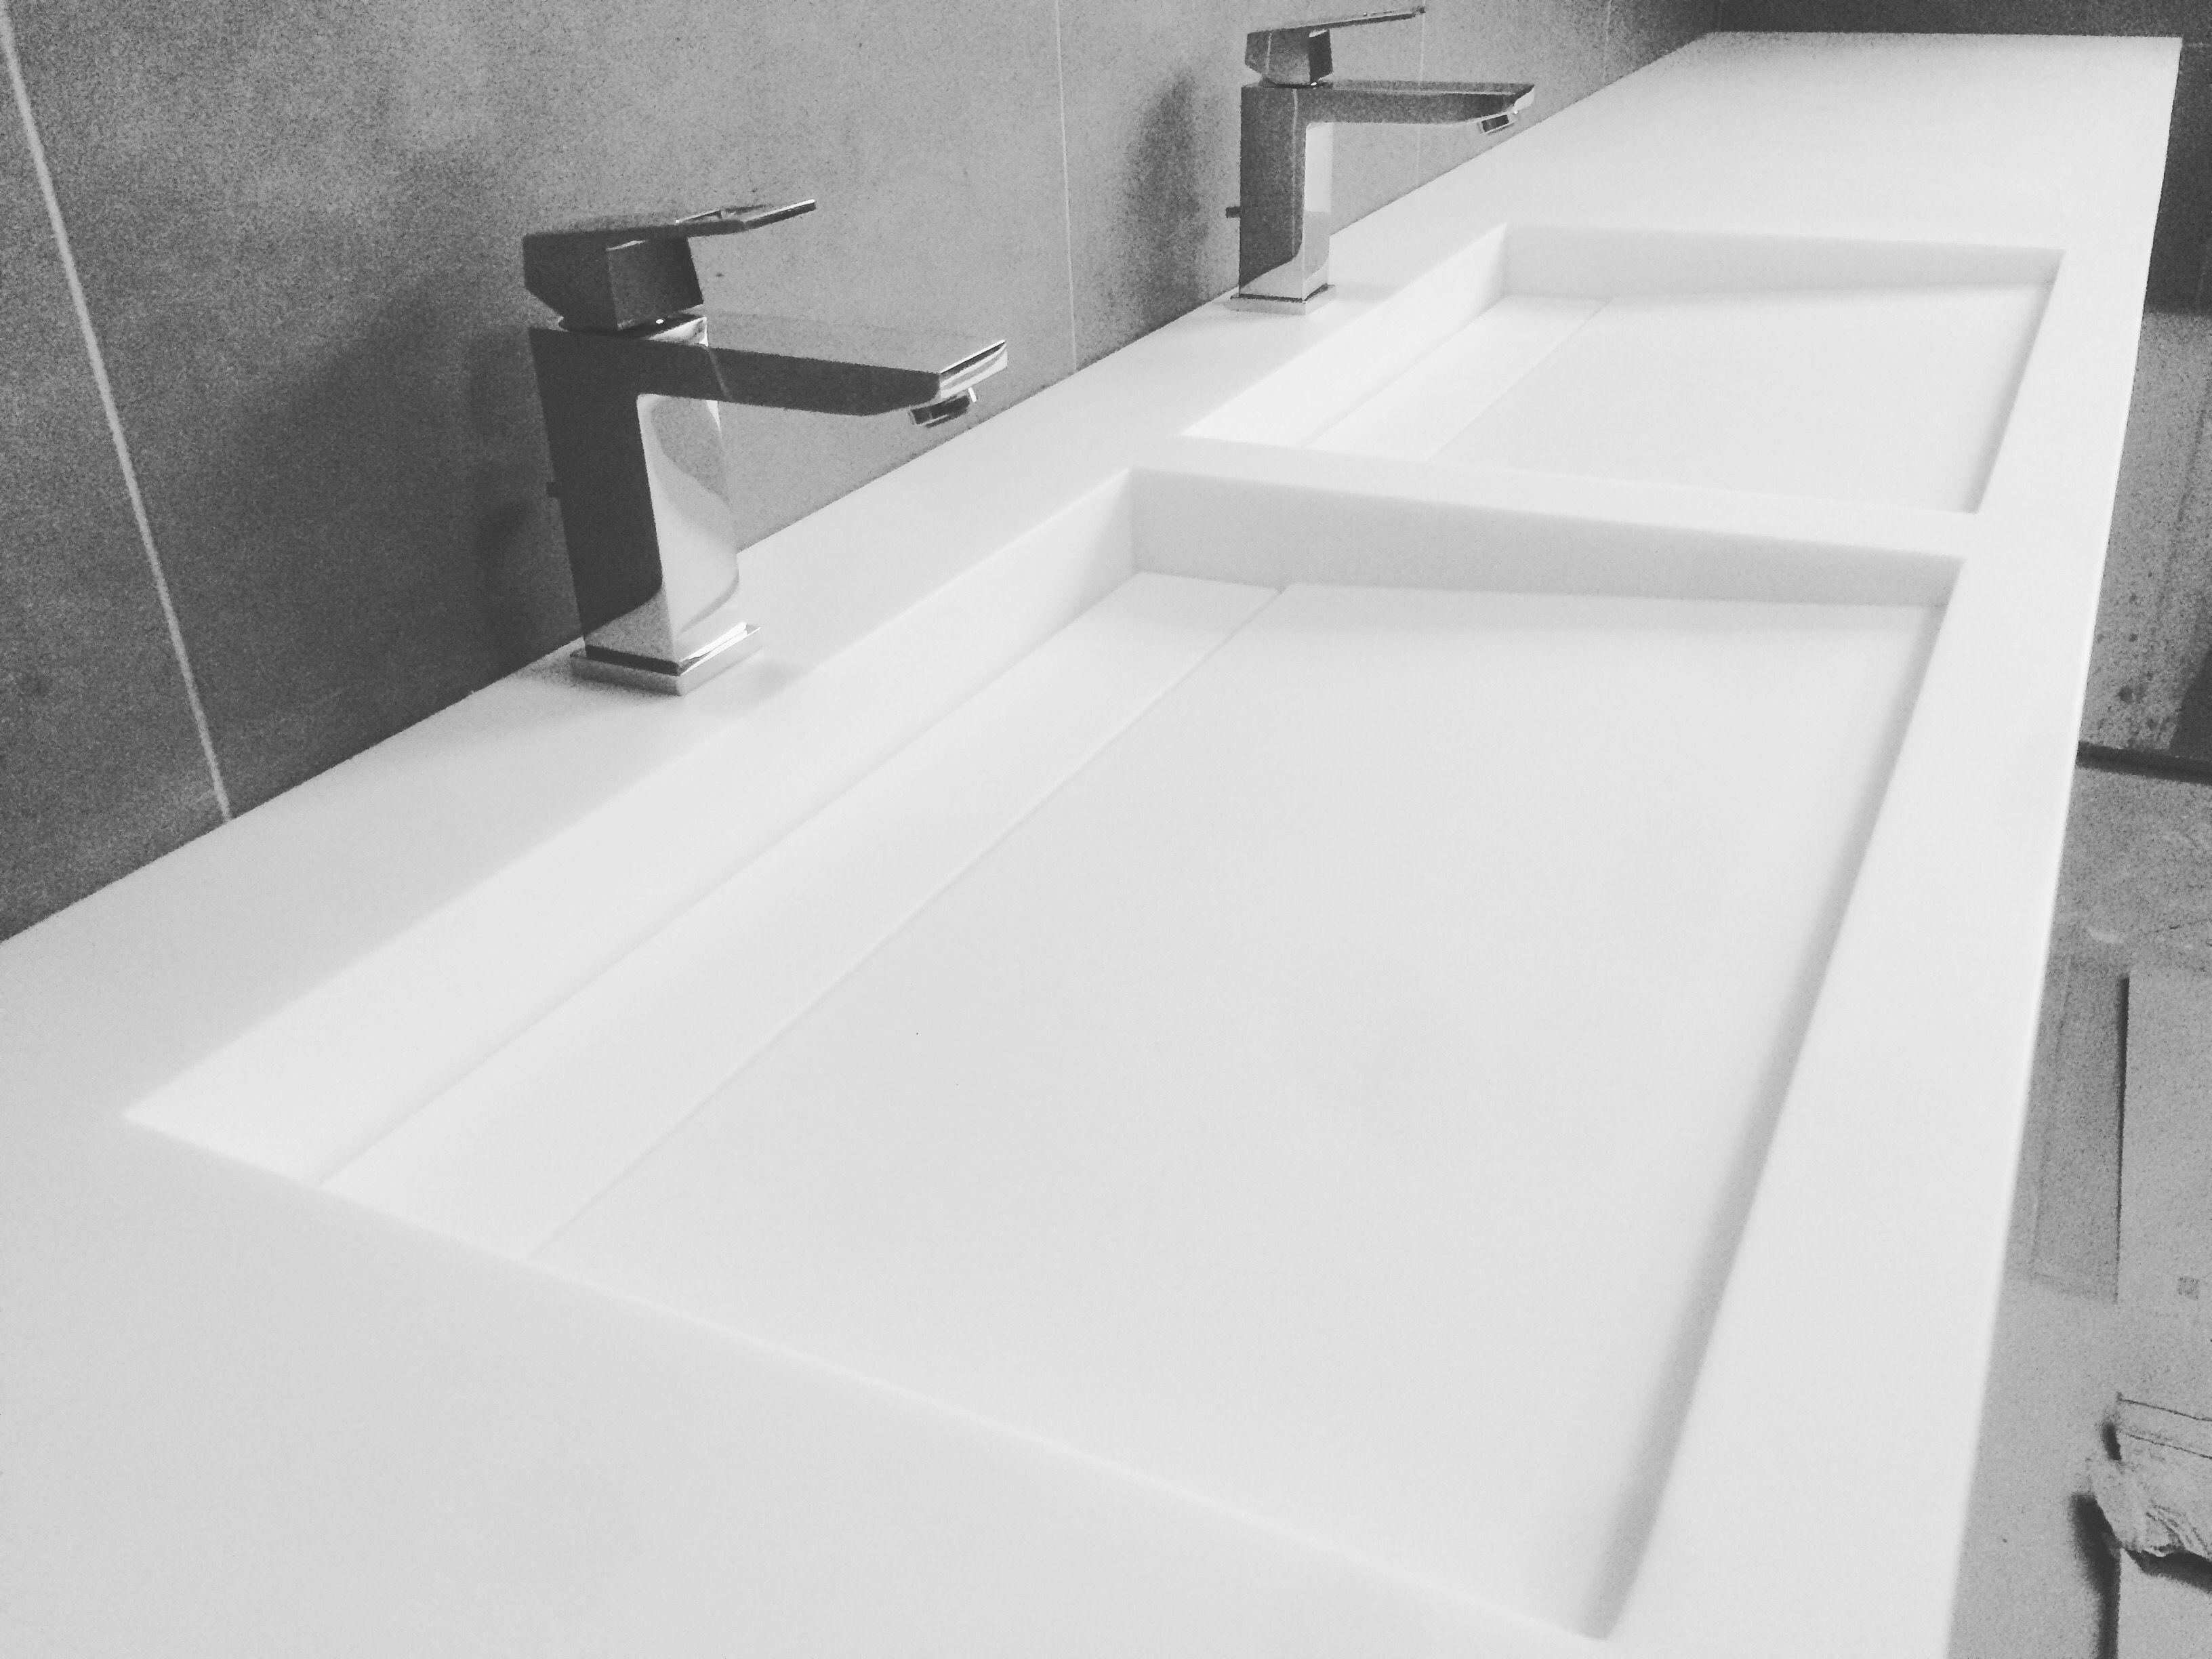 Wastafel Op Maat : Solid surface wastafel op maat almaco interieur realisaties